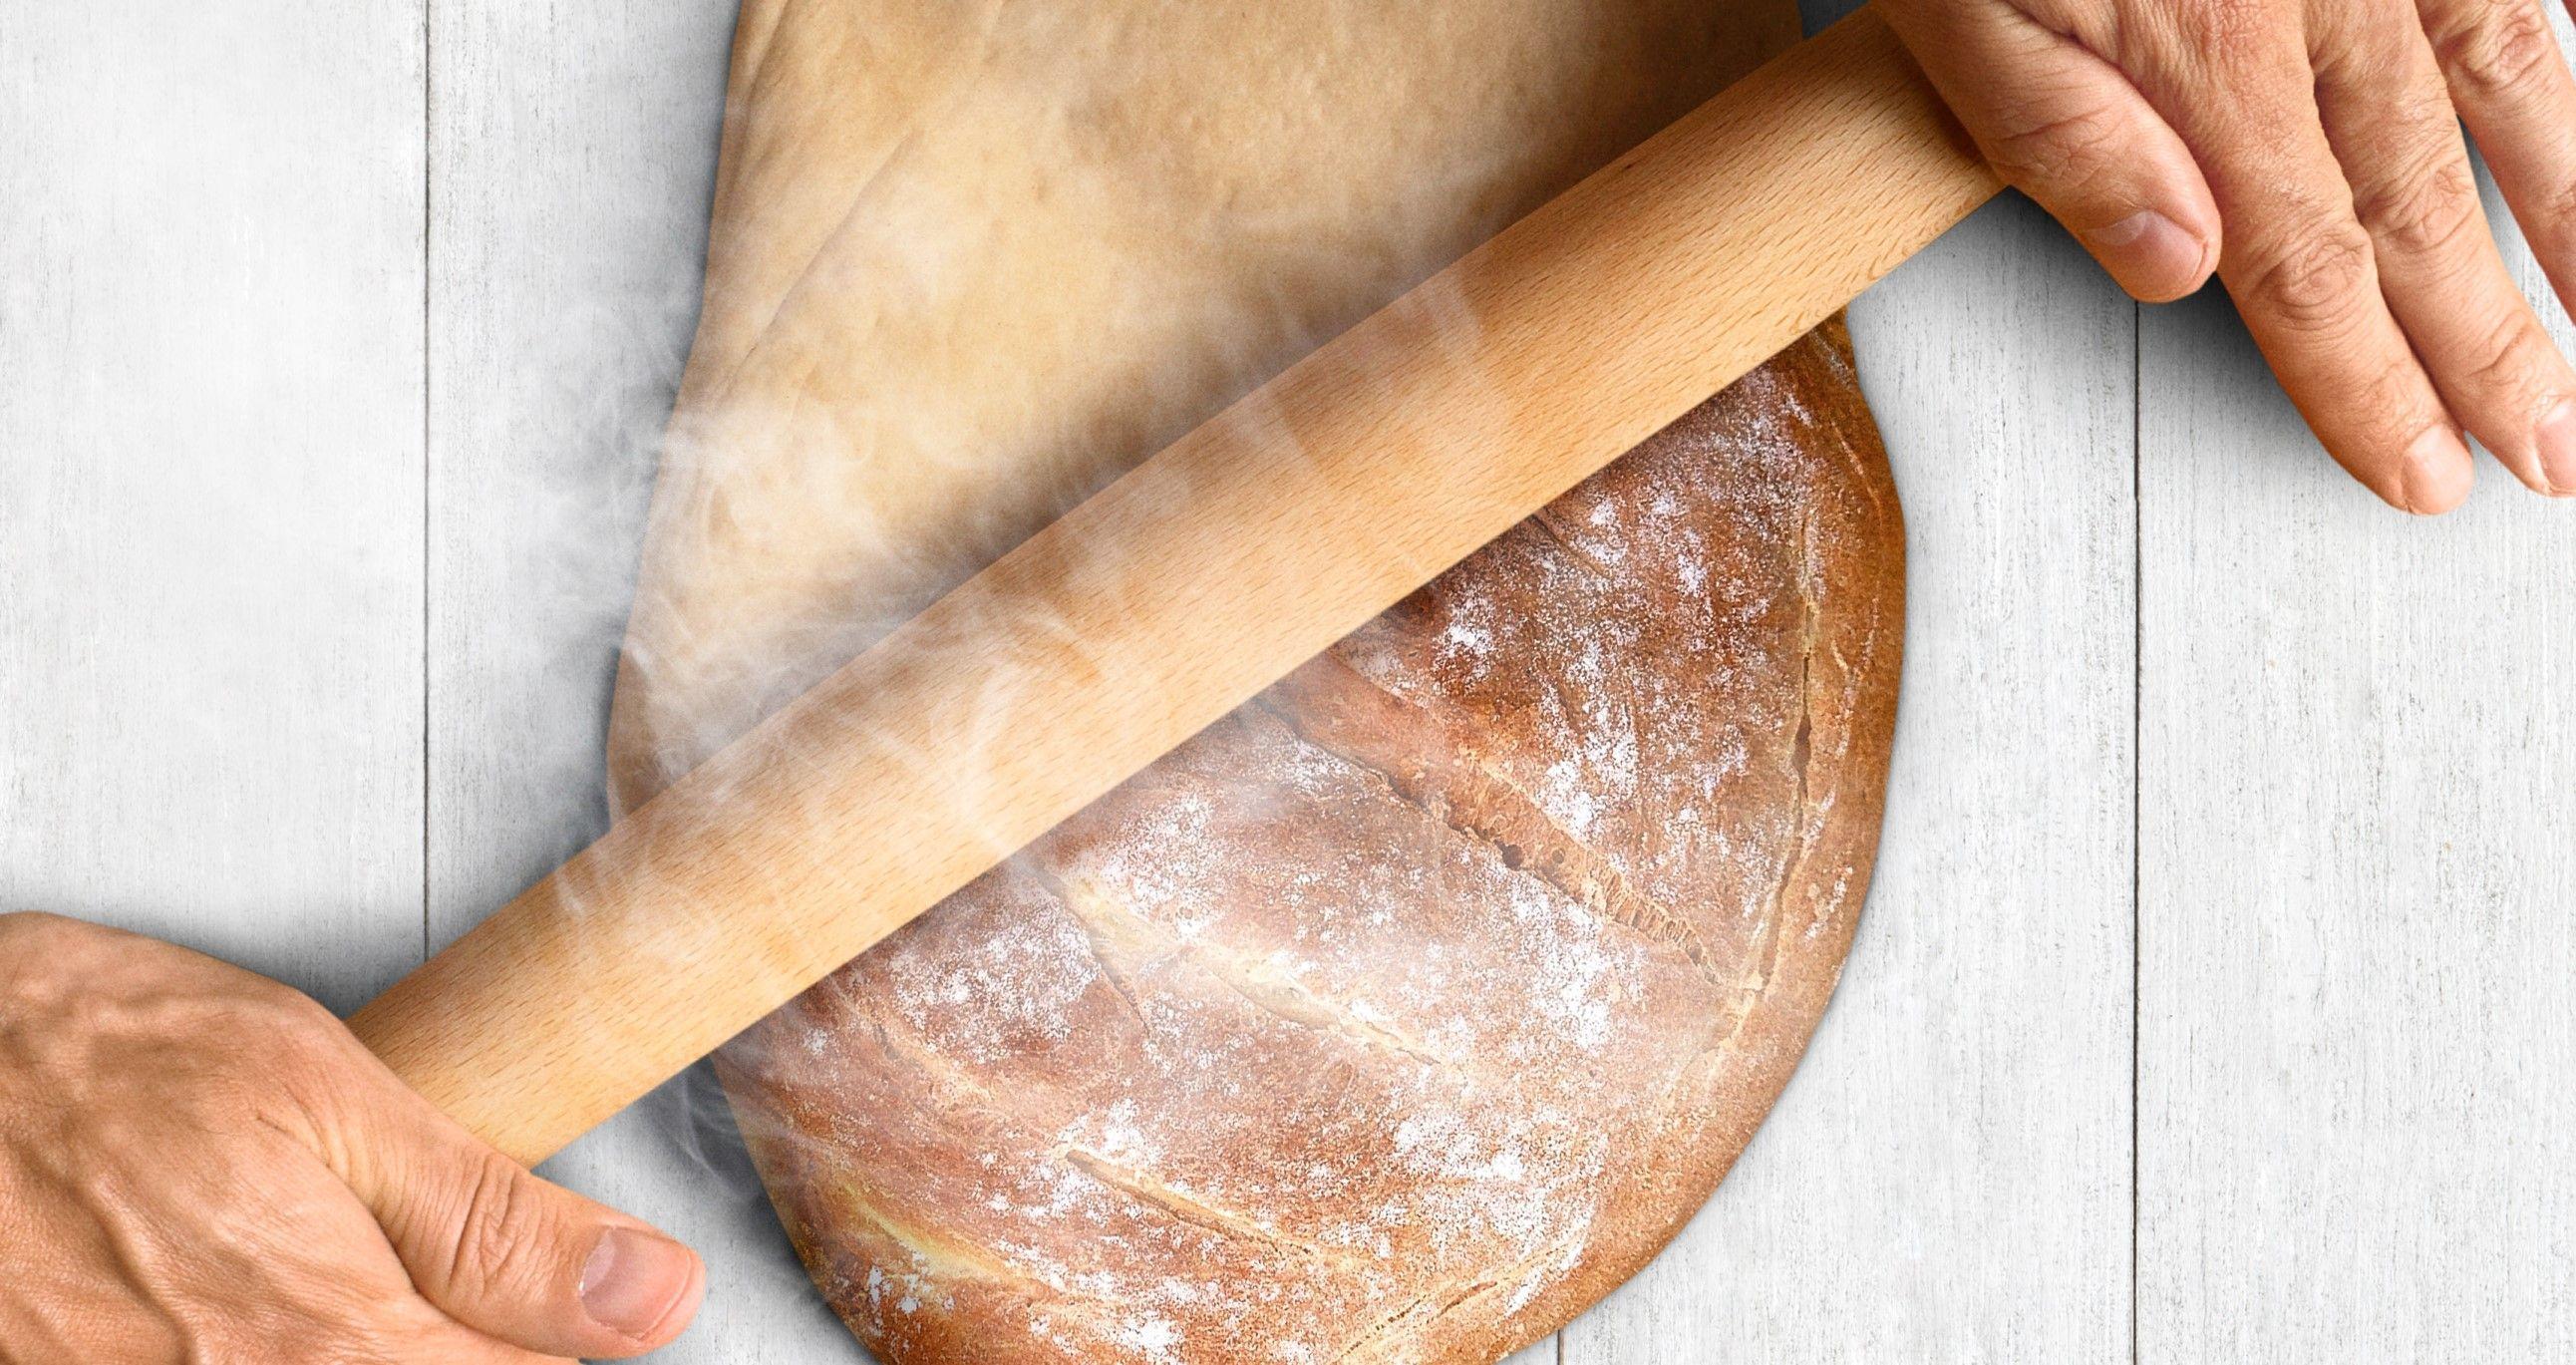 Mejores series de comida - Cooked